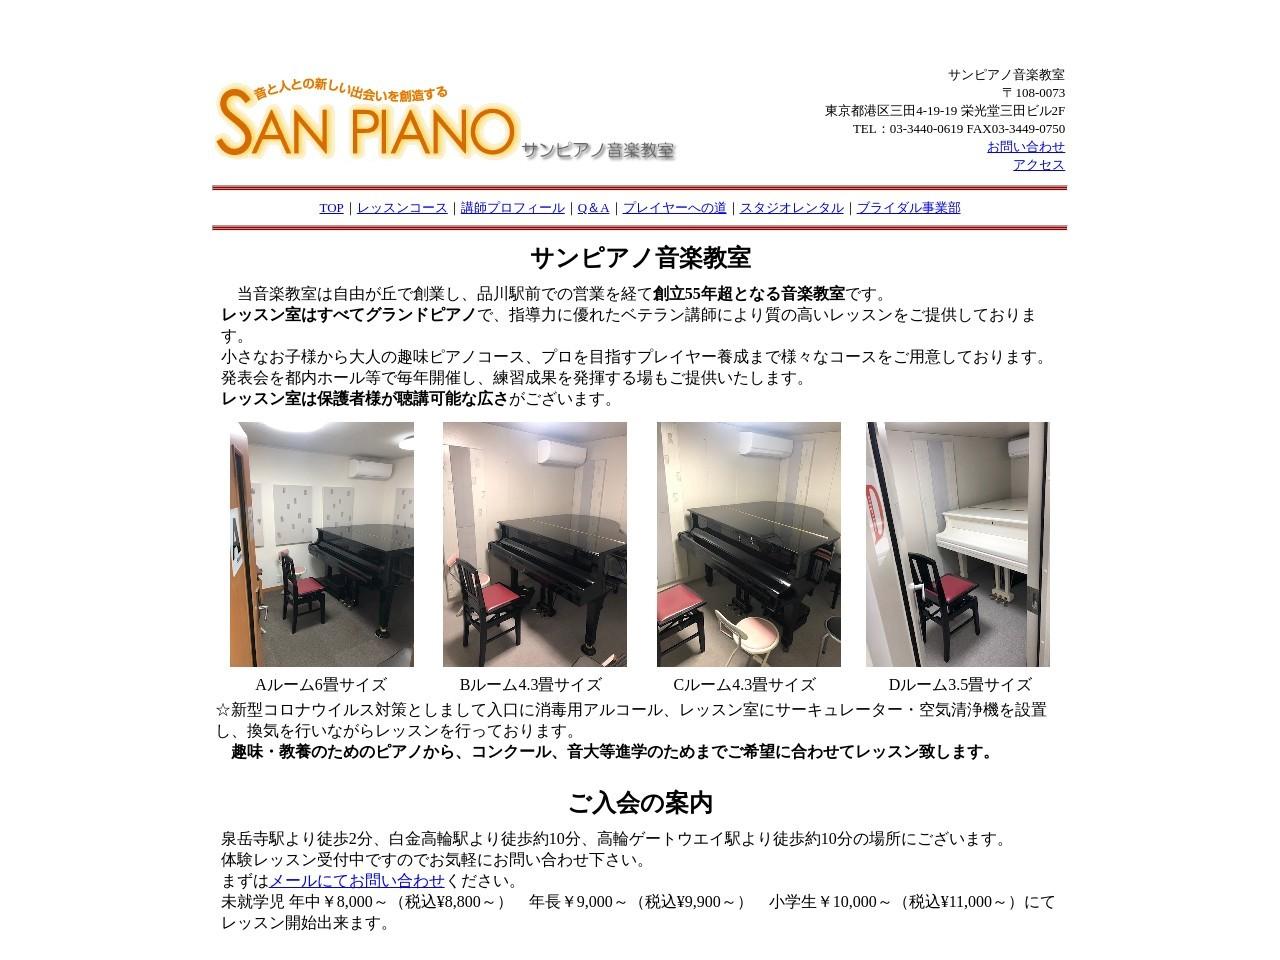 サンピアノ音楽教室のサムネイル